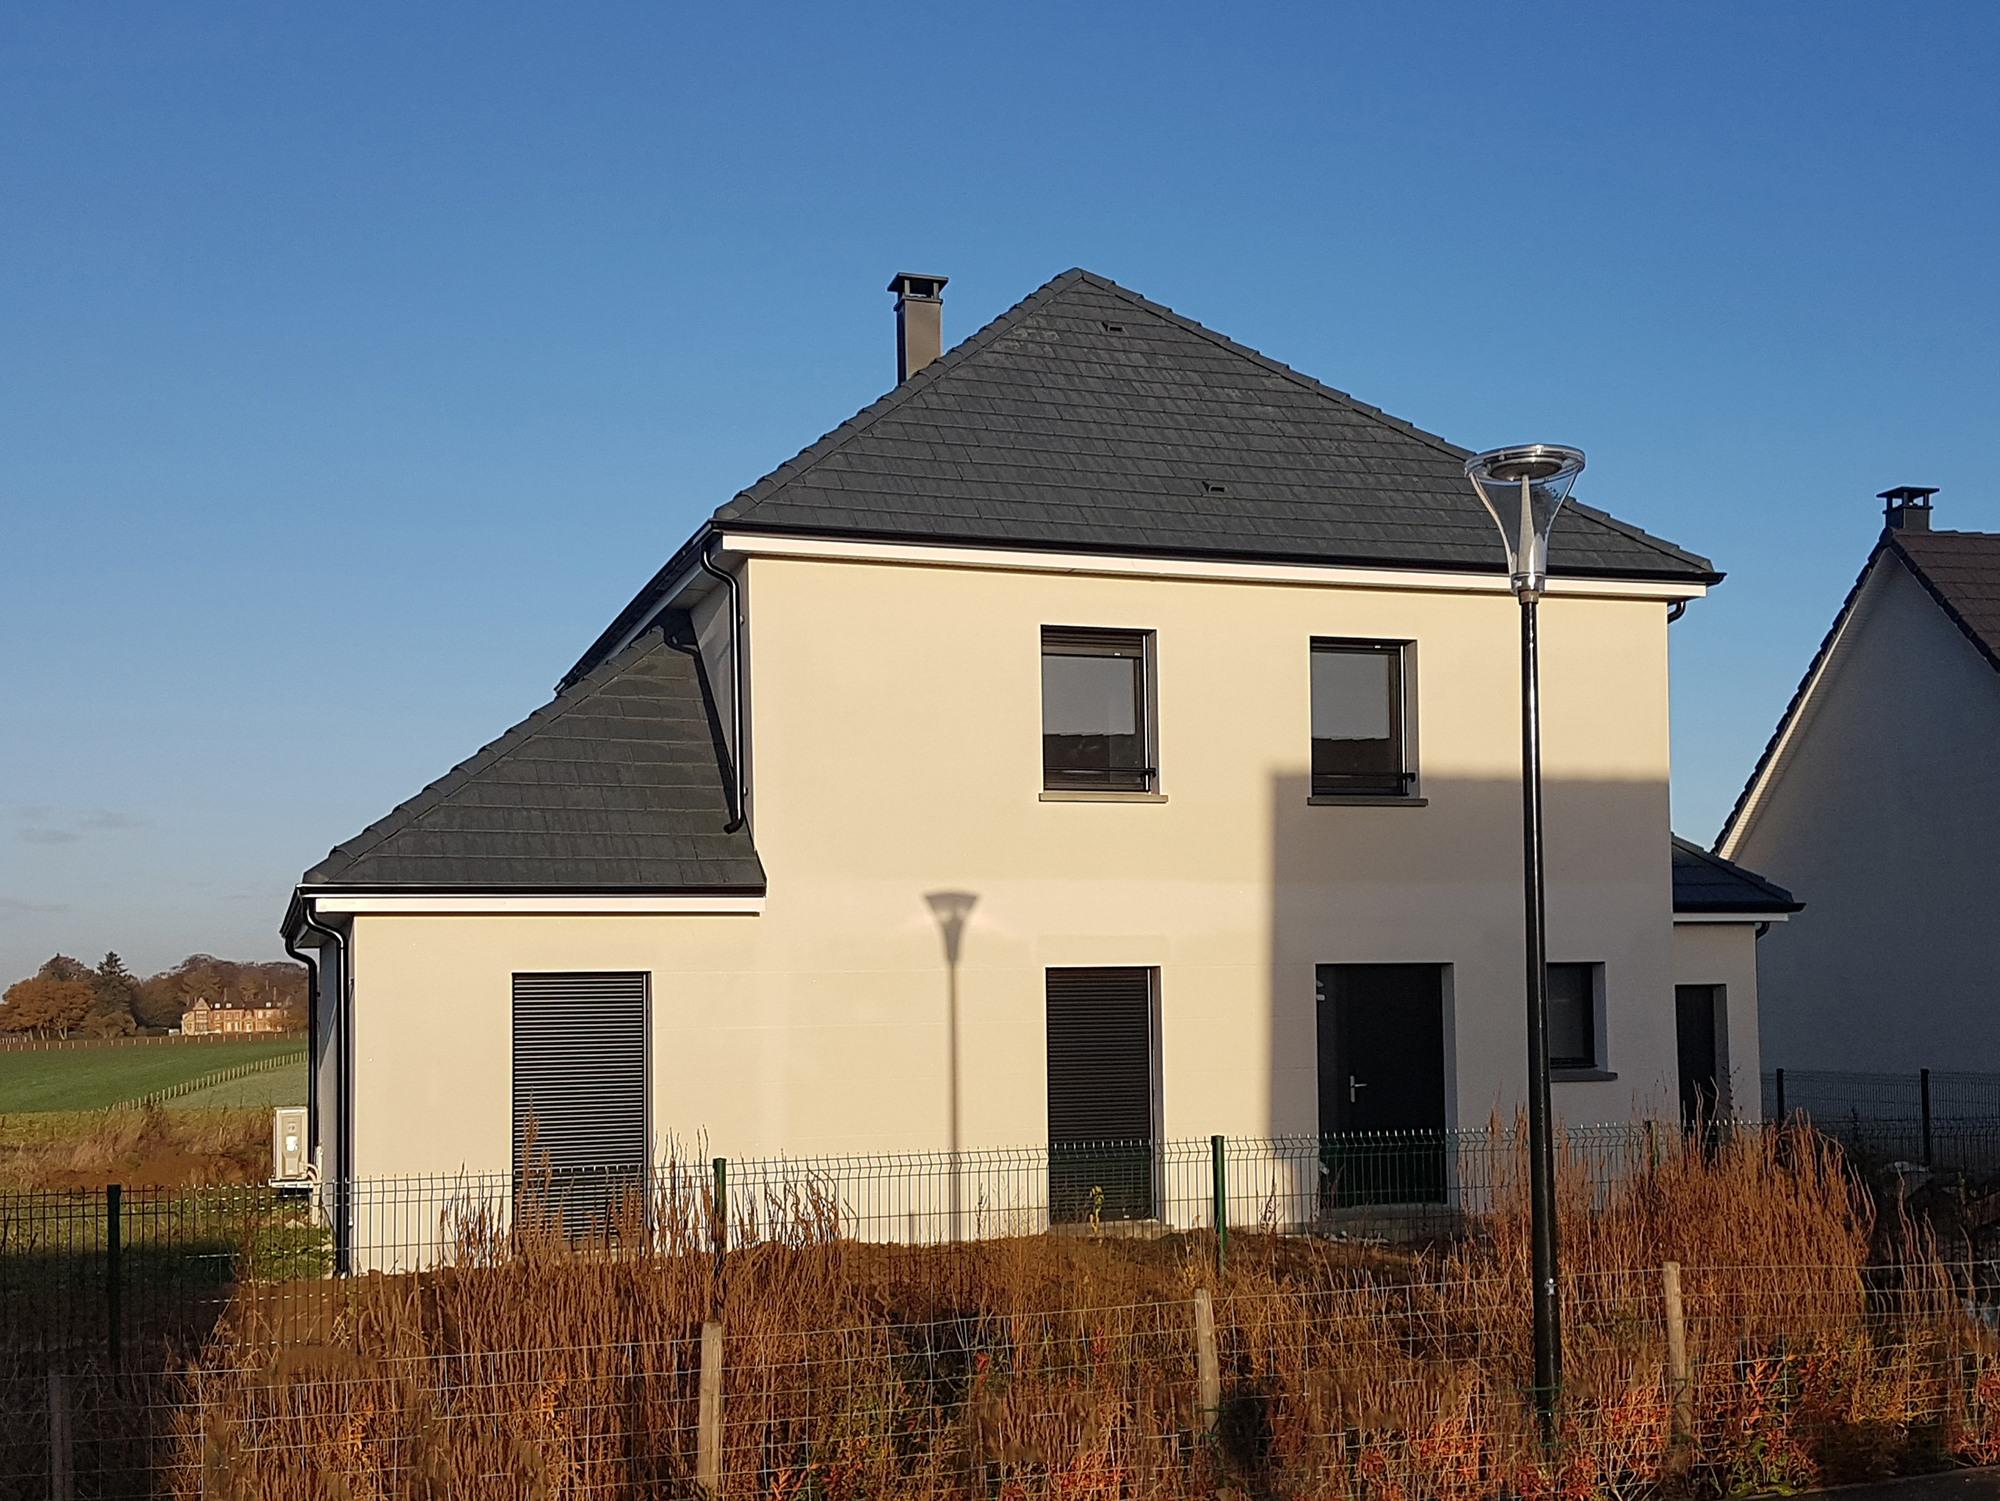 Maisons + Terrains du constructeur MAISON FAMILIALE RENNES • 145 m² • PIRE SUR SEICHE